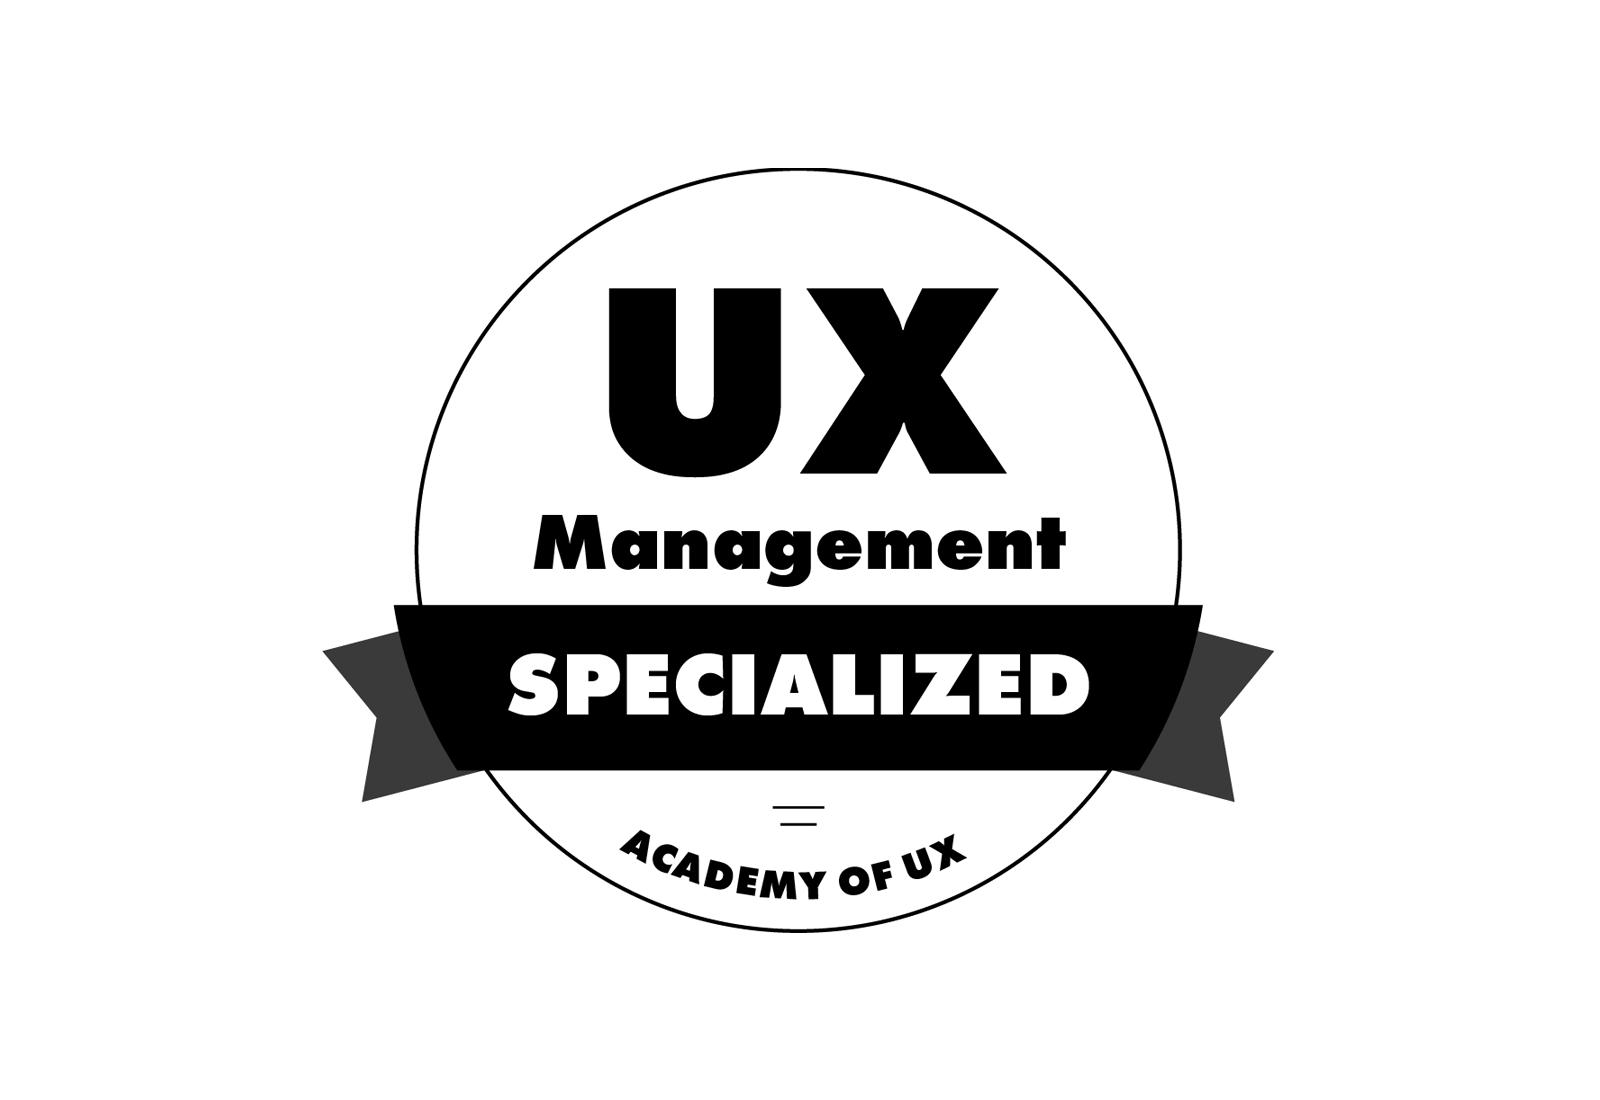 UX-Management-Specialized-AcademyOfUX